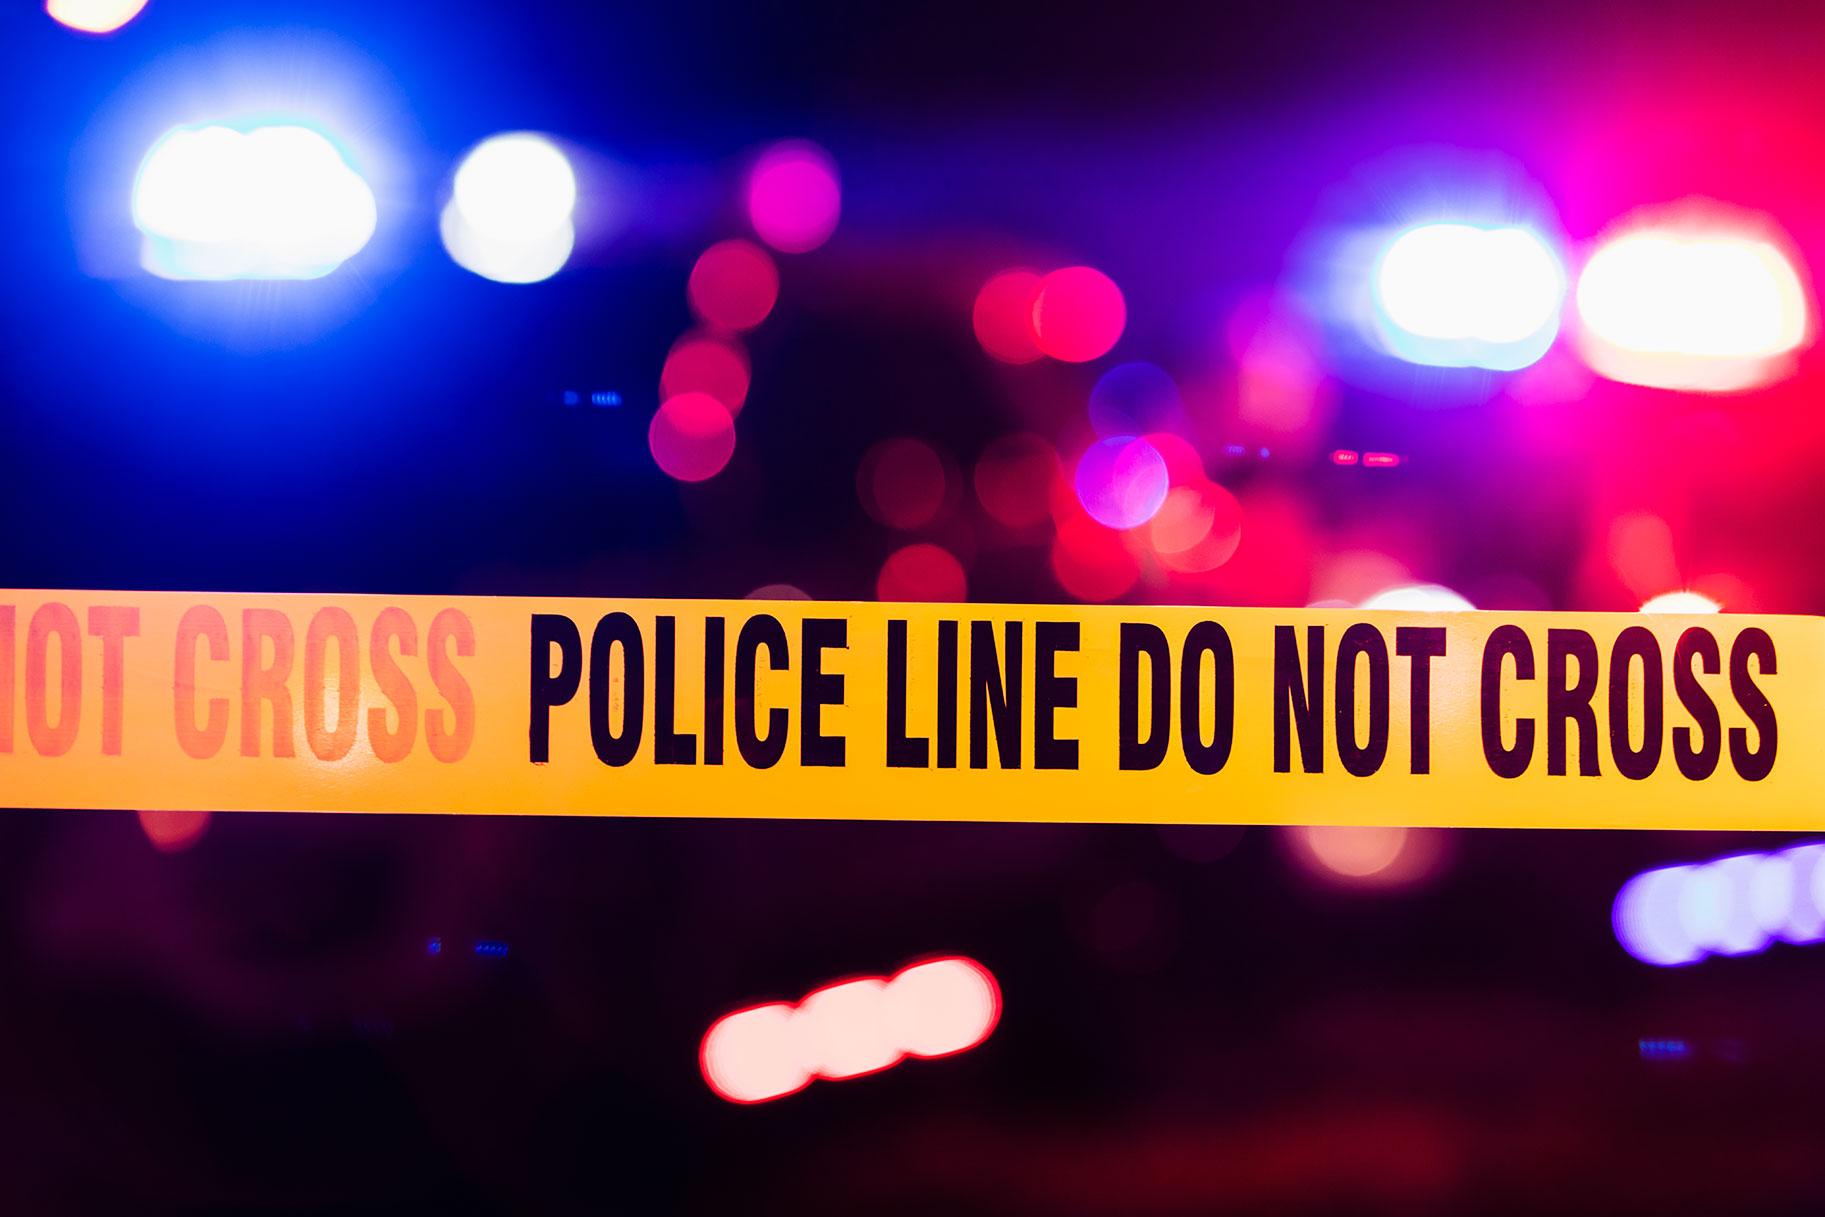 2 גברים שנעצרו לאחר שנמצאו מתים, עטופים בפלסטיק בתוך שוק הדגים הנטוש של ניו יורק